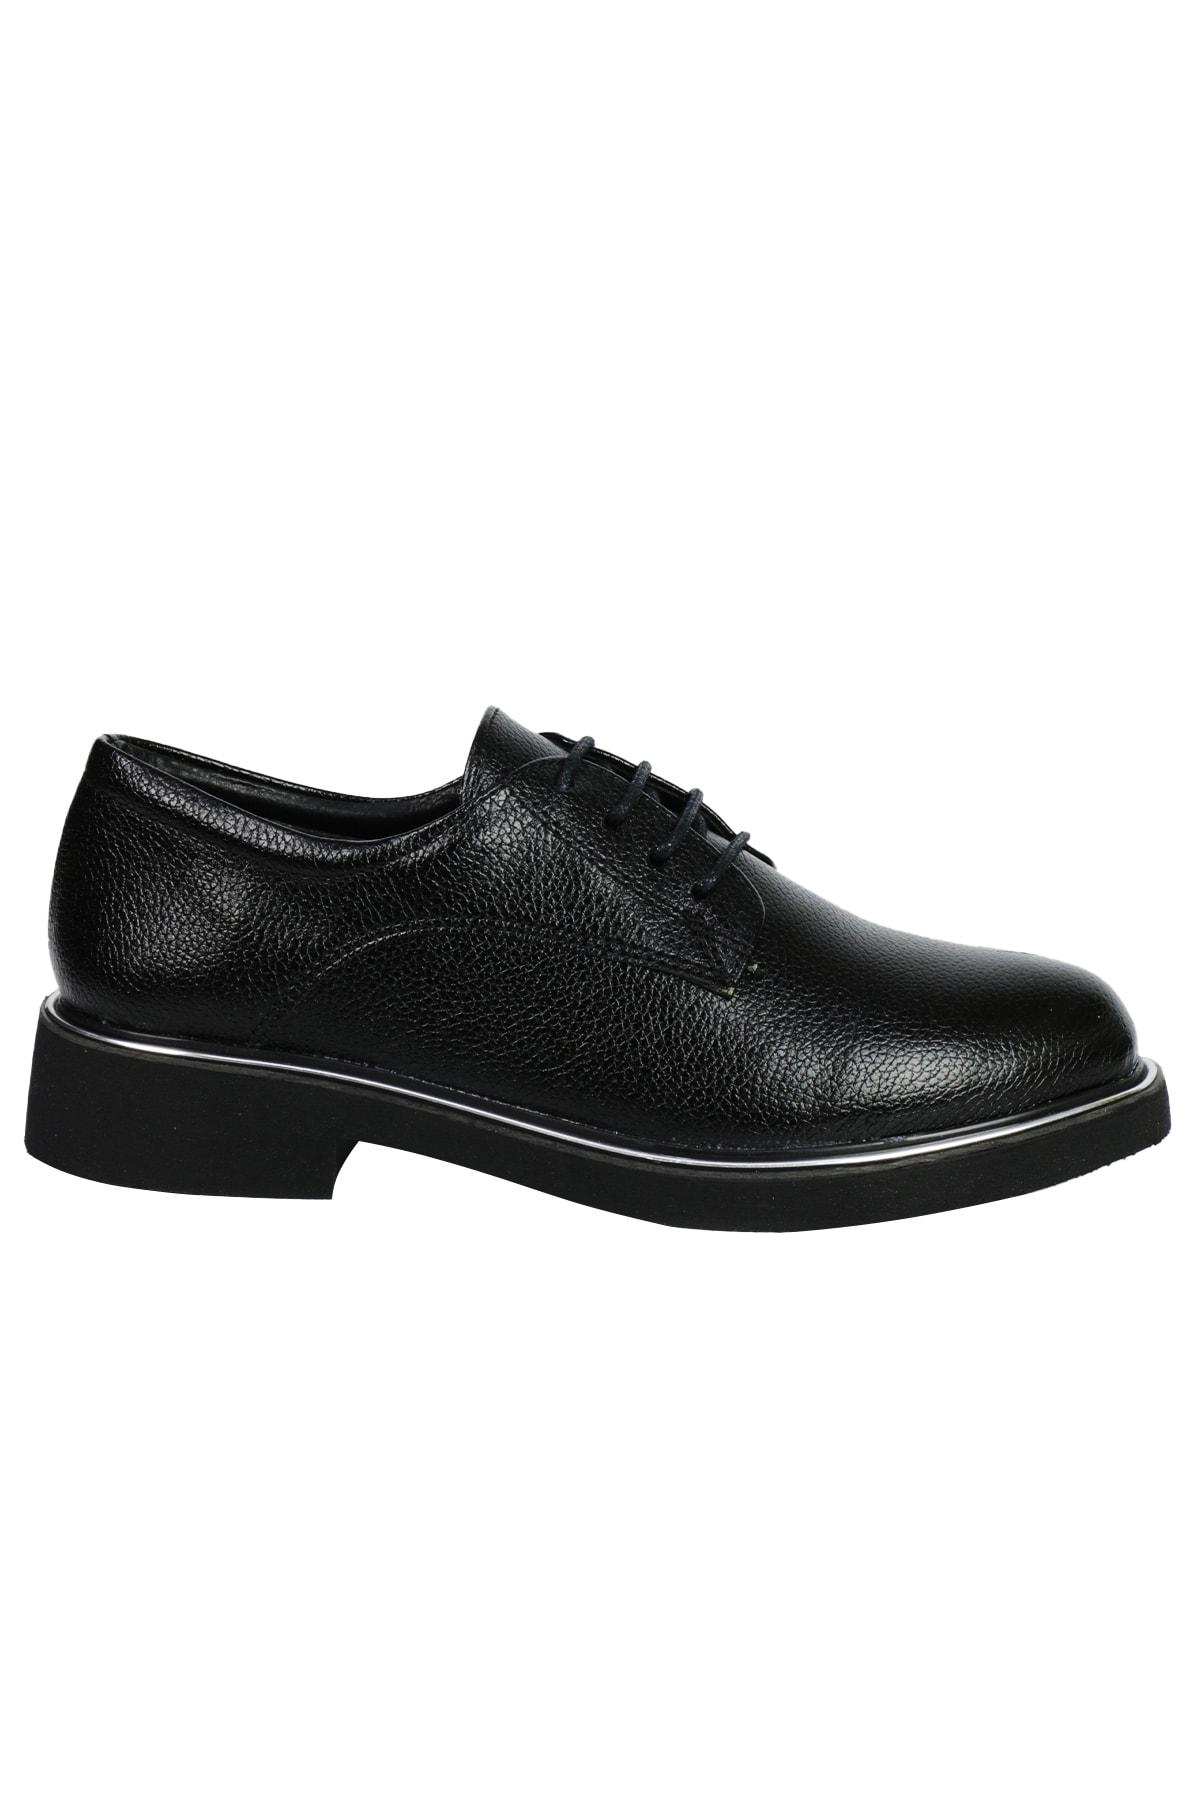 OZ DOROTHY Kadın Siyah Casual Ayakkabı 1